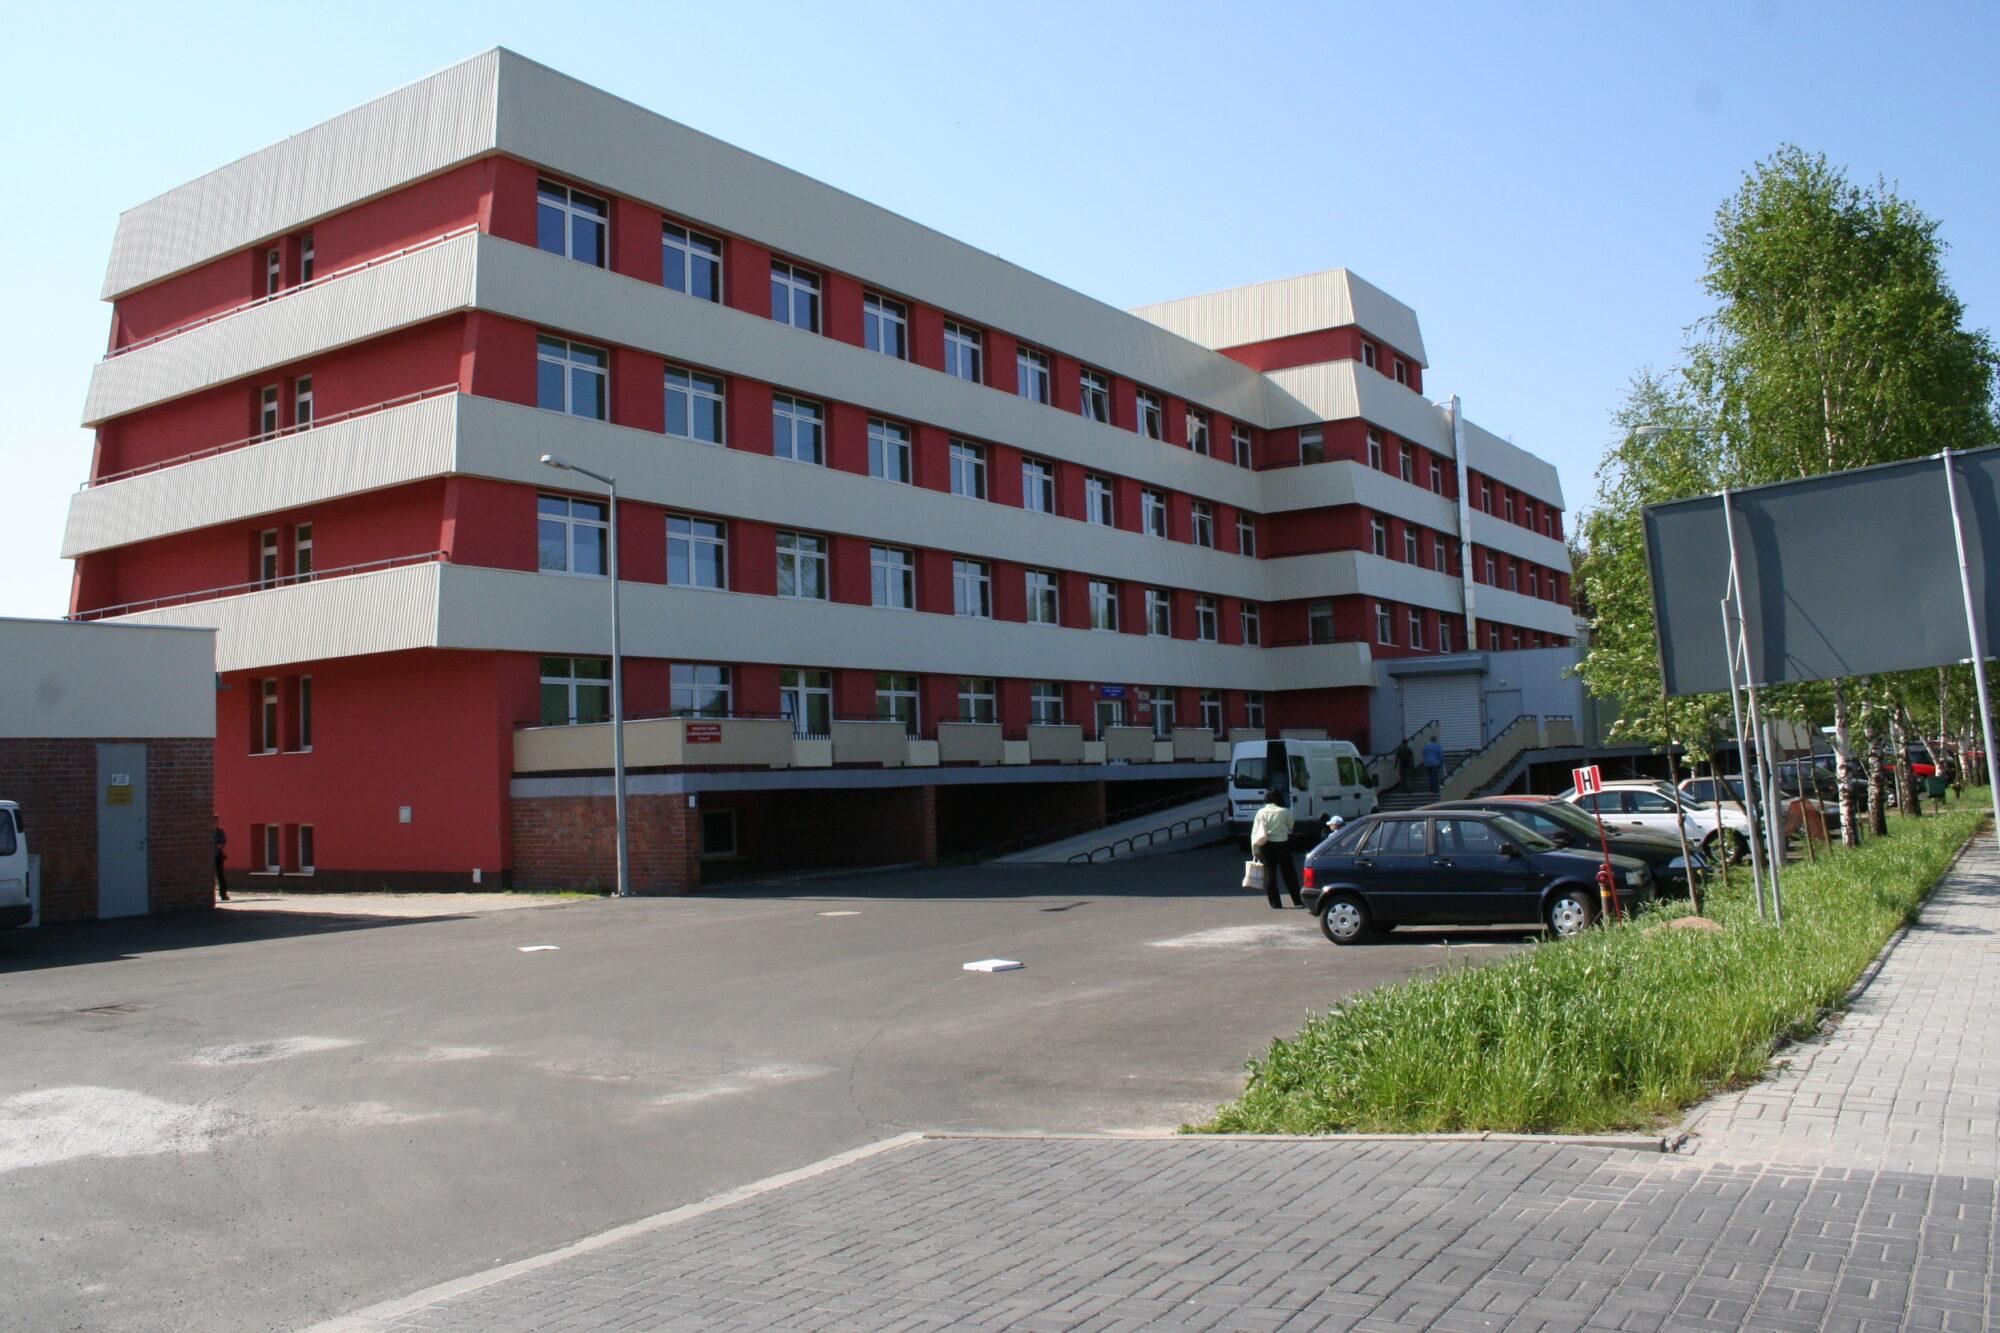 (Polski) Szpital powiatowy w Żaganiu przy ulicy Żelaznej